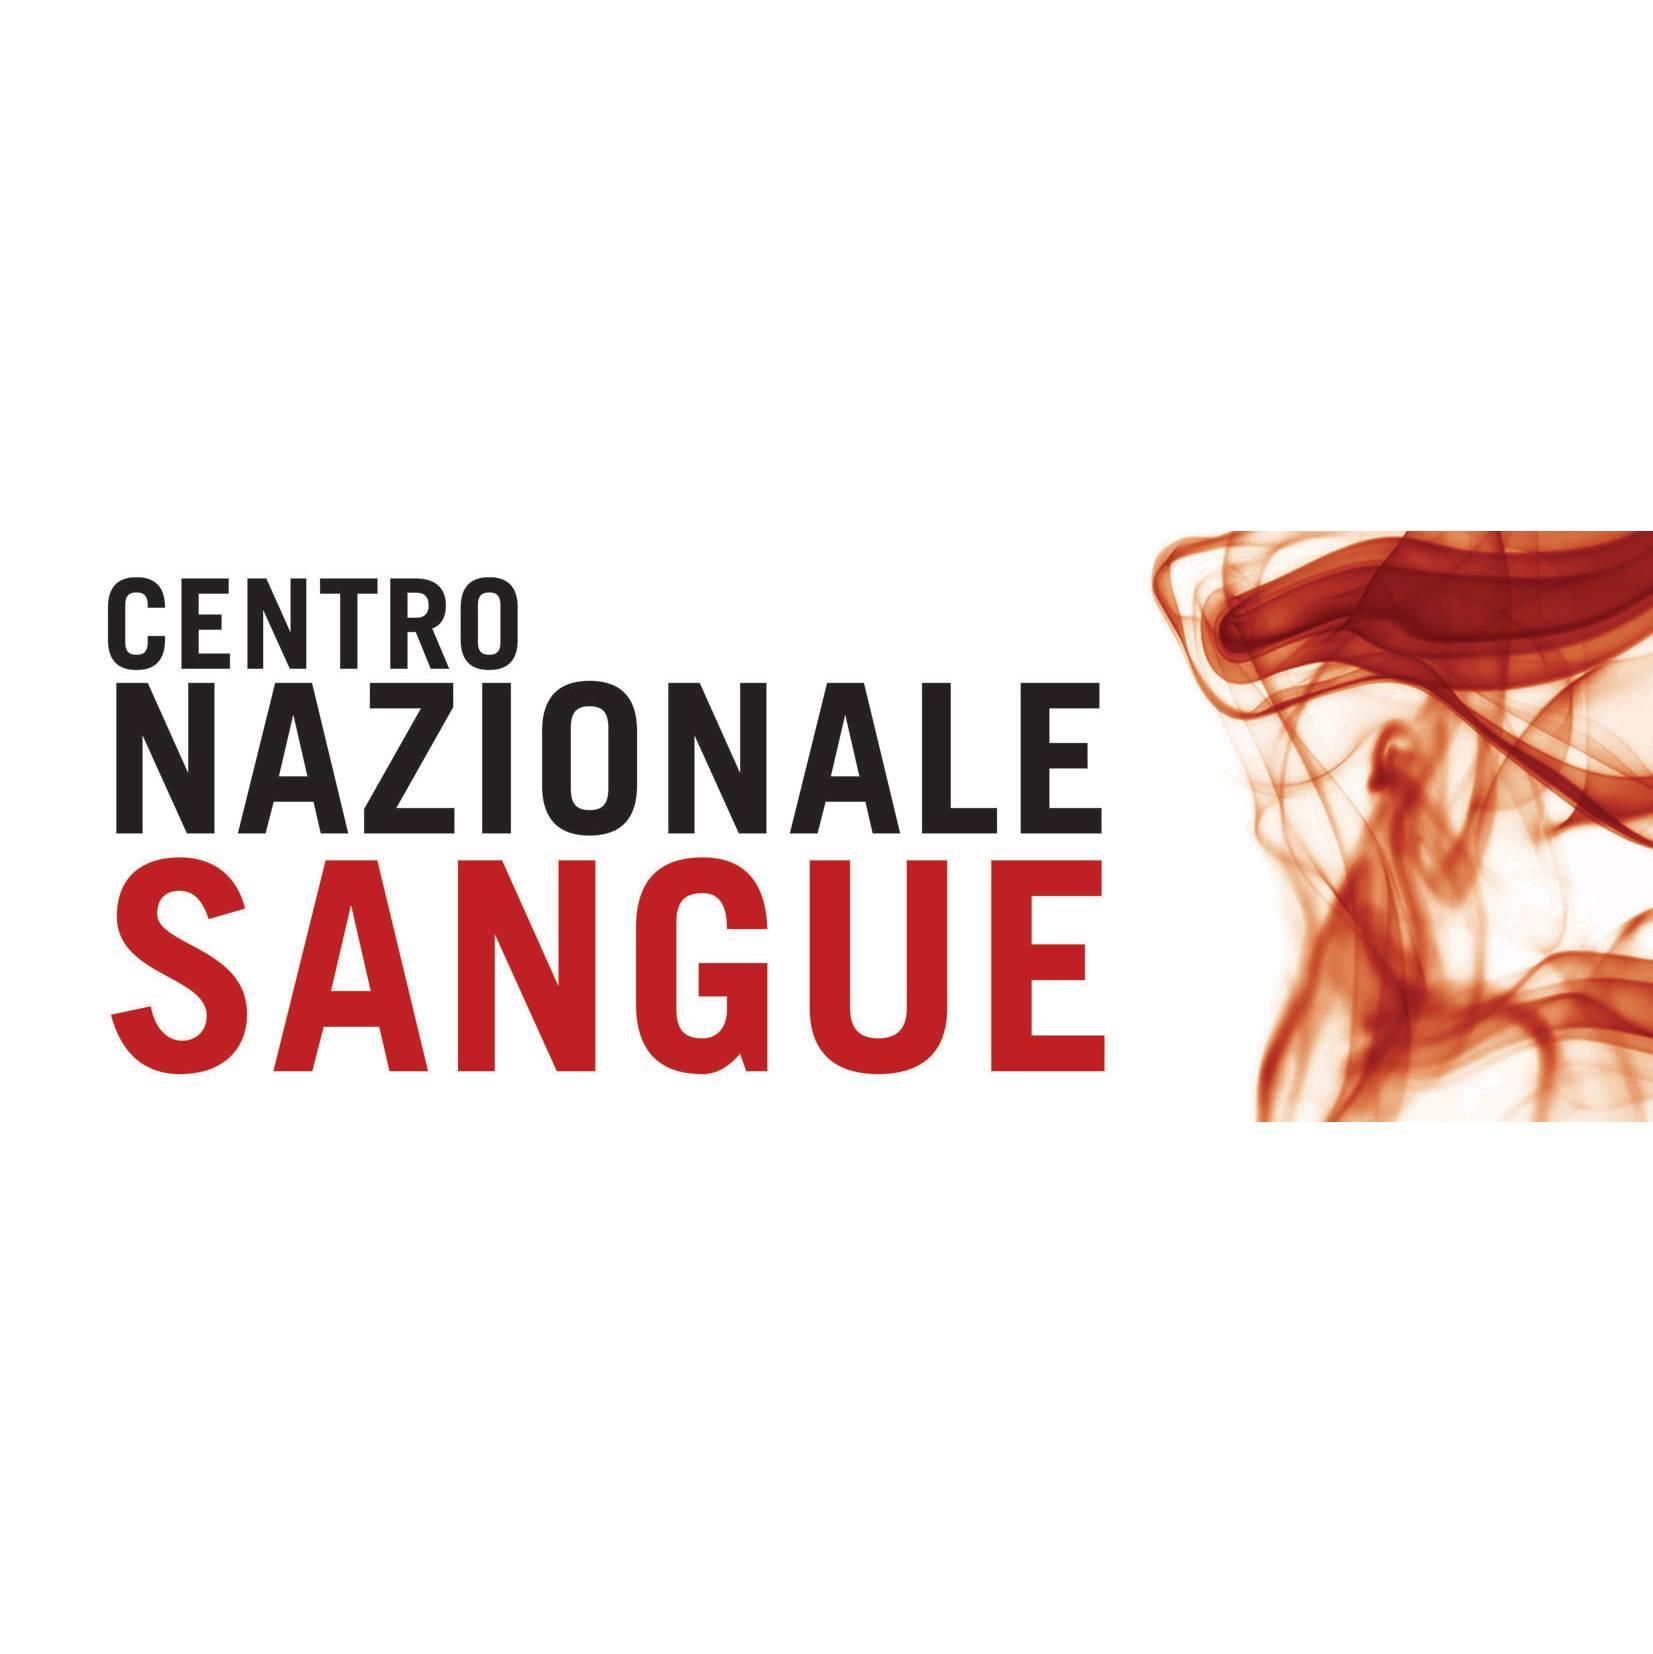 Centro Nazionale Sangue - LameziaTermeit